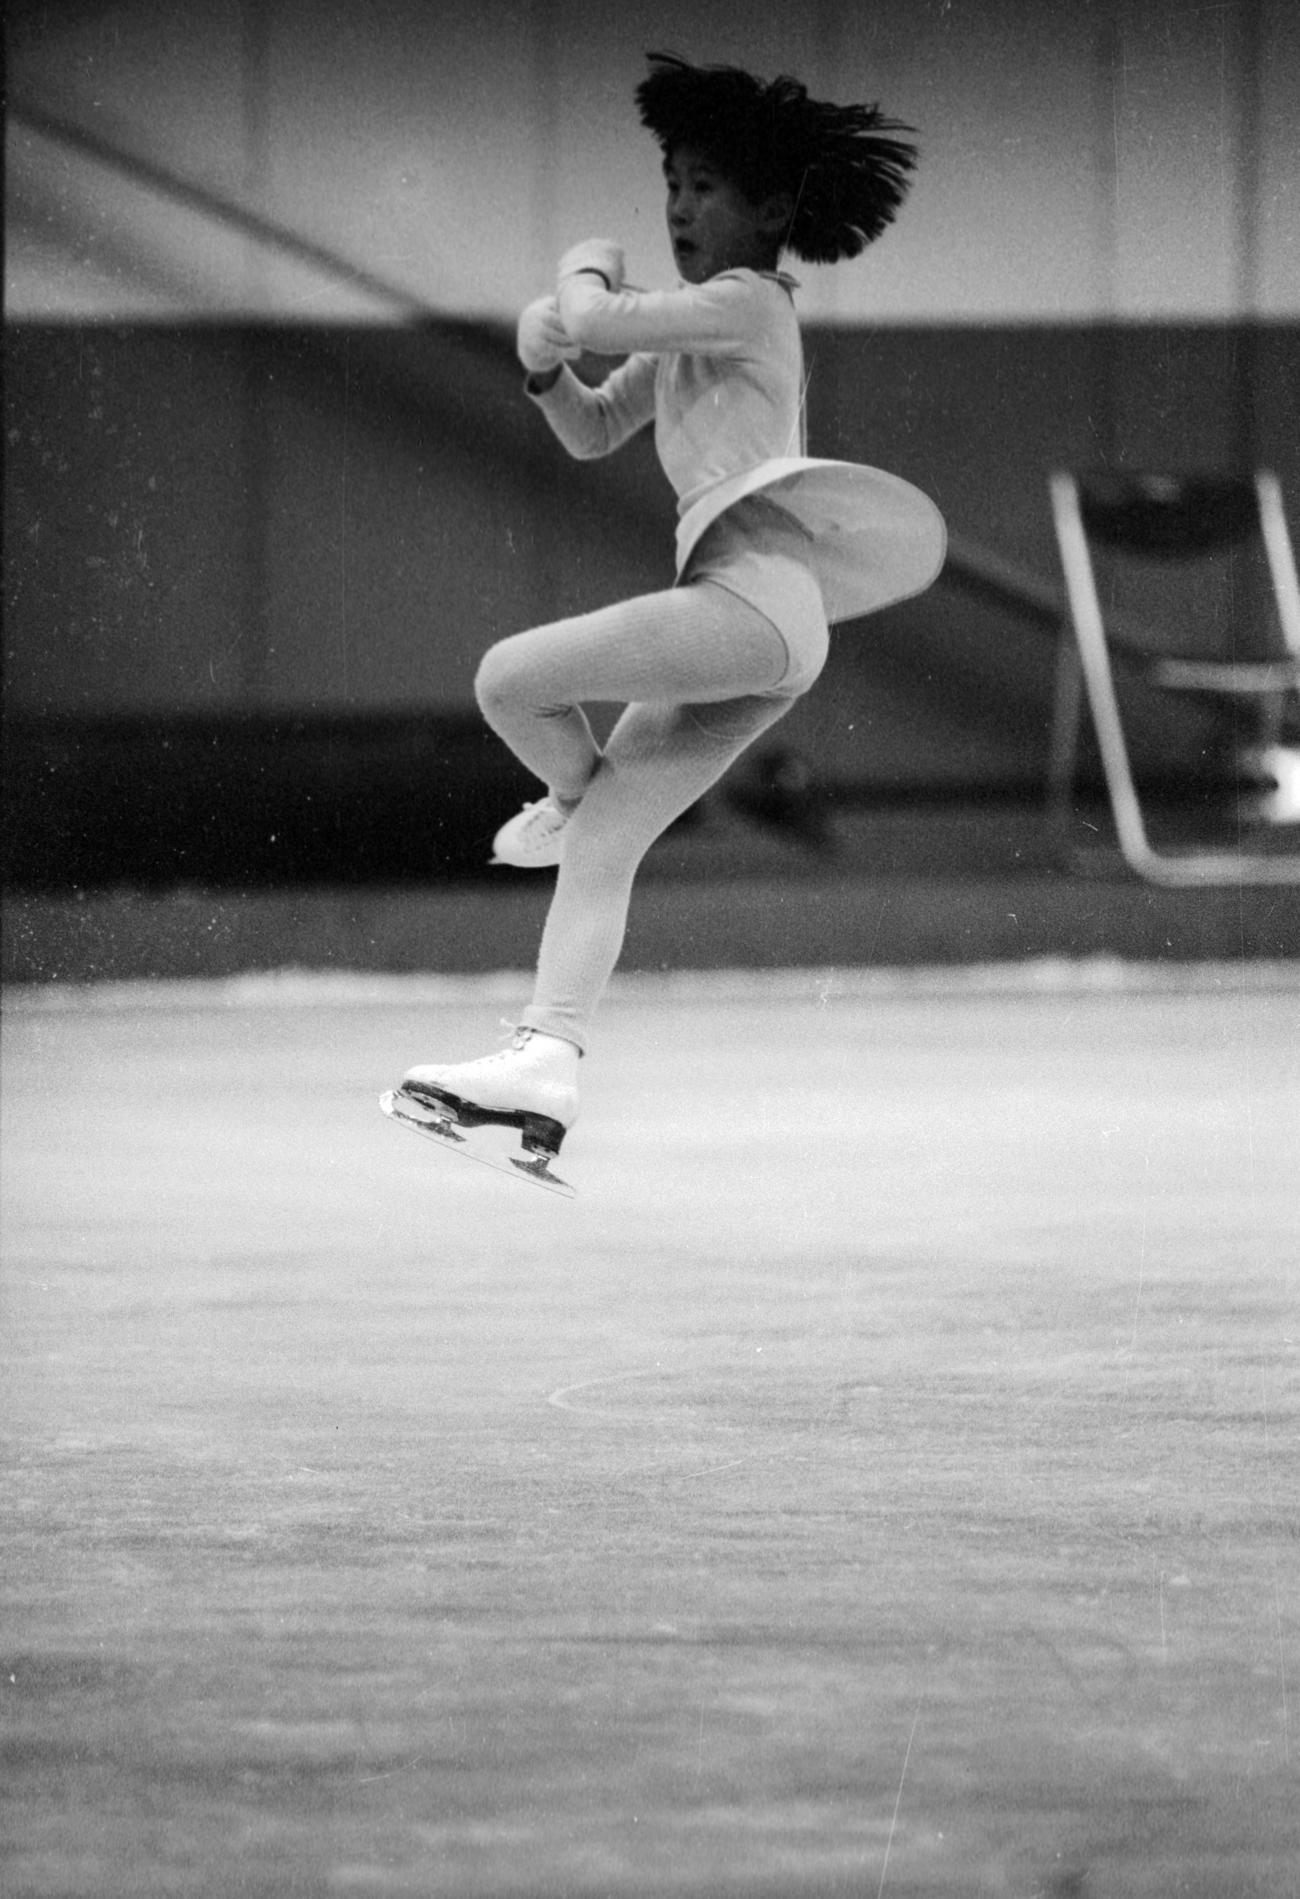 80年12月、全日本フィギュア選手権を前に3回転ジャンプの練習をする伊藤みどり